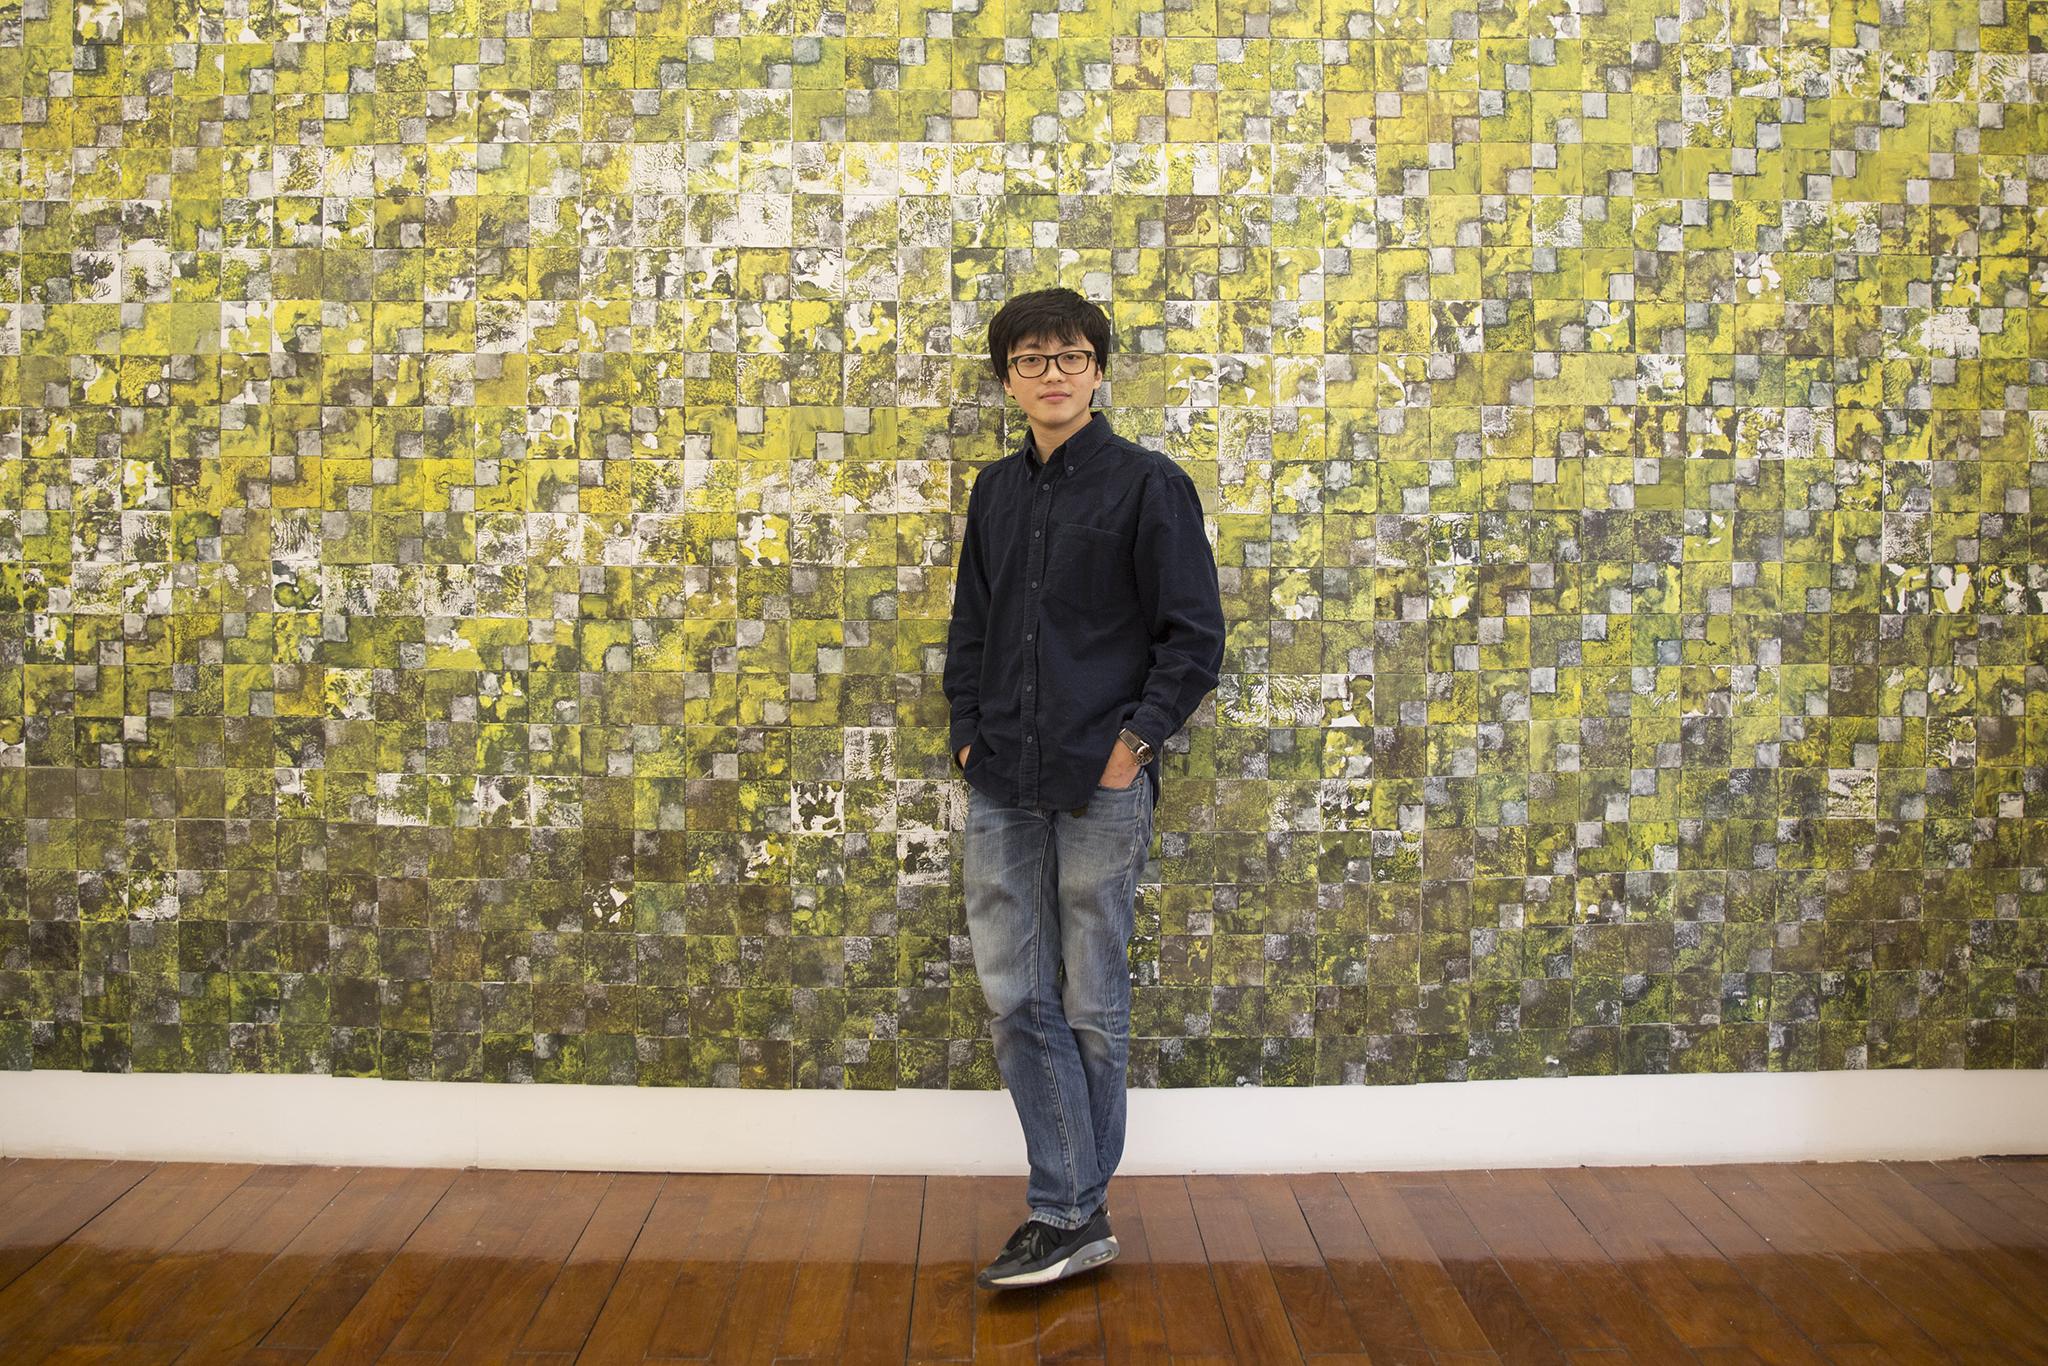 Exposição | Macaense Lai Sio Kit pela primeira a solo em Portugal